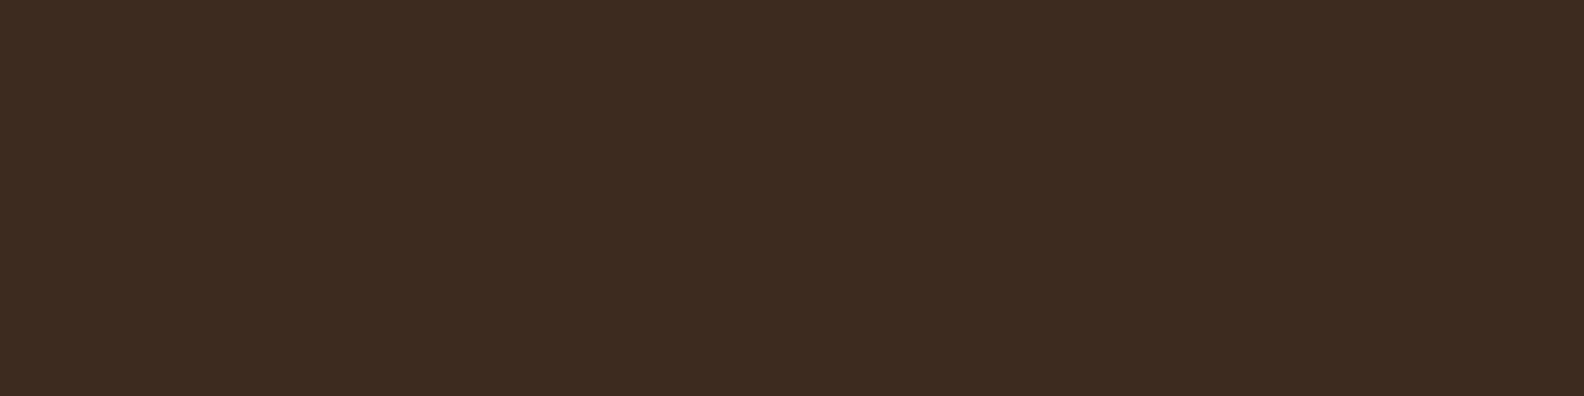 1584x396 Bistre Solid Color Background